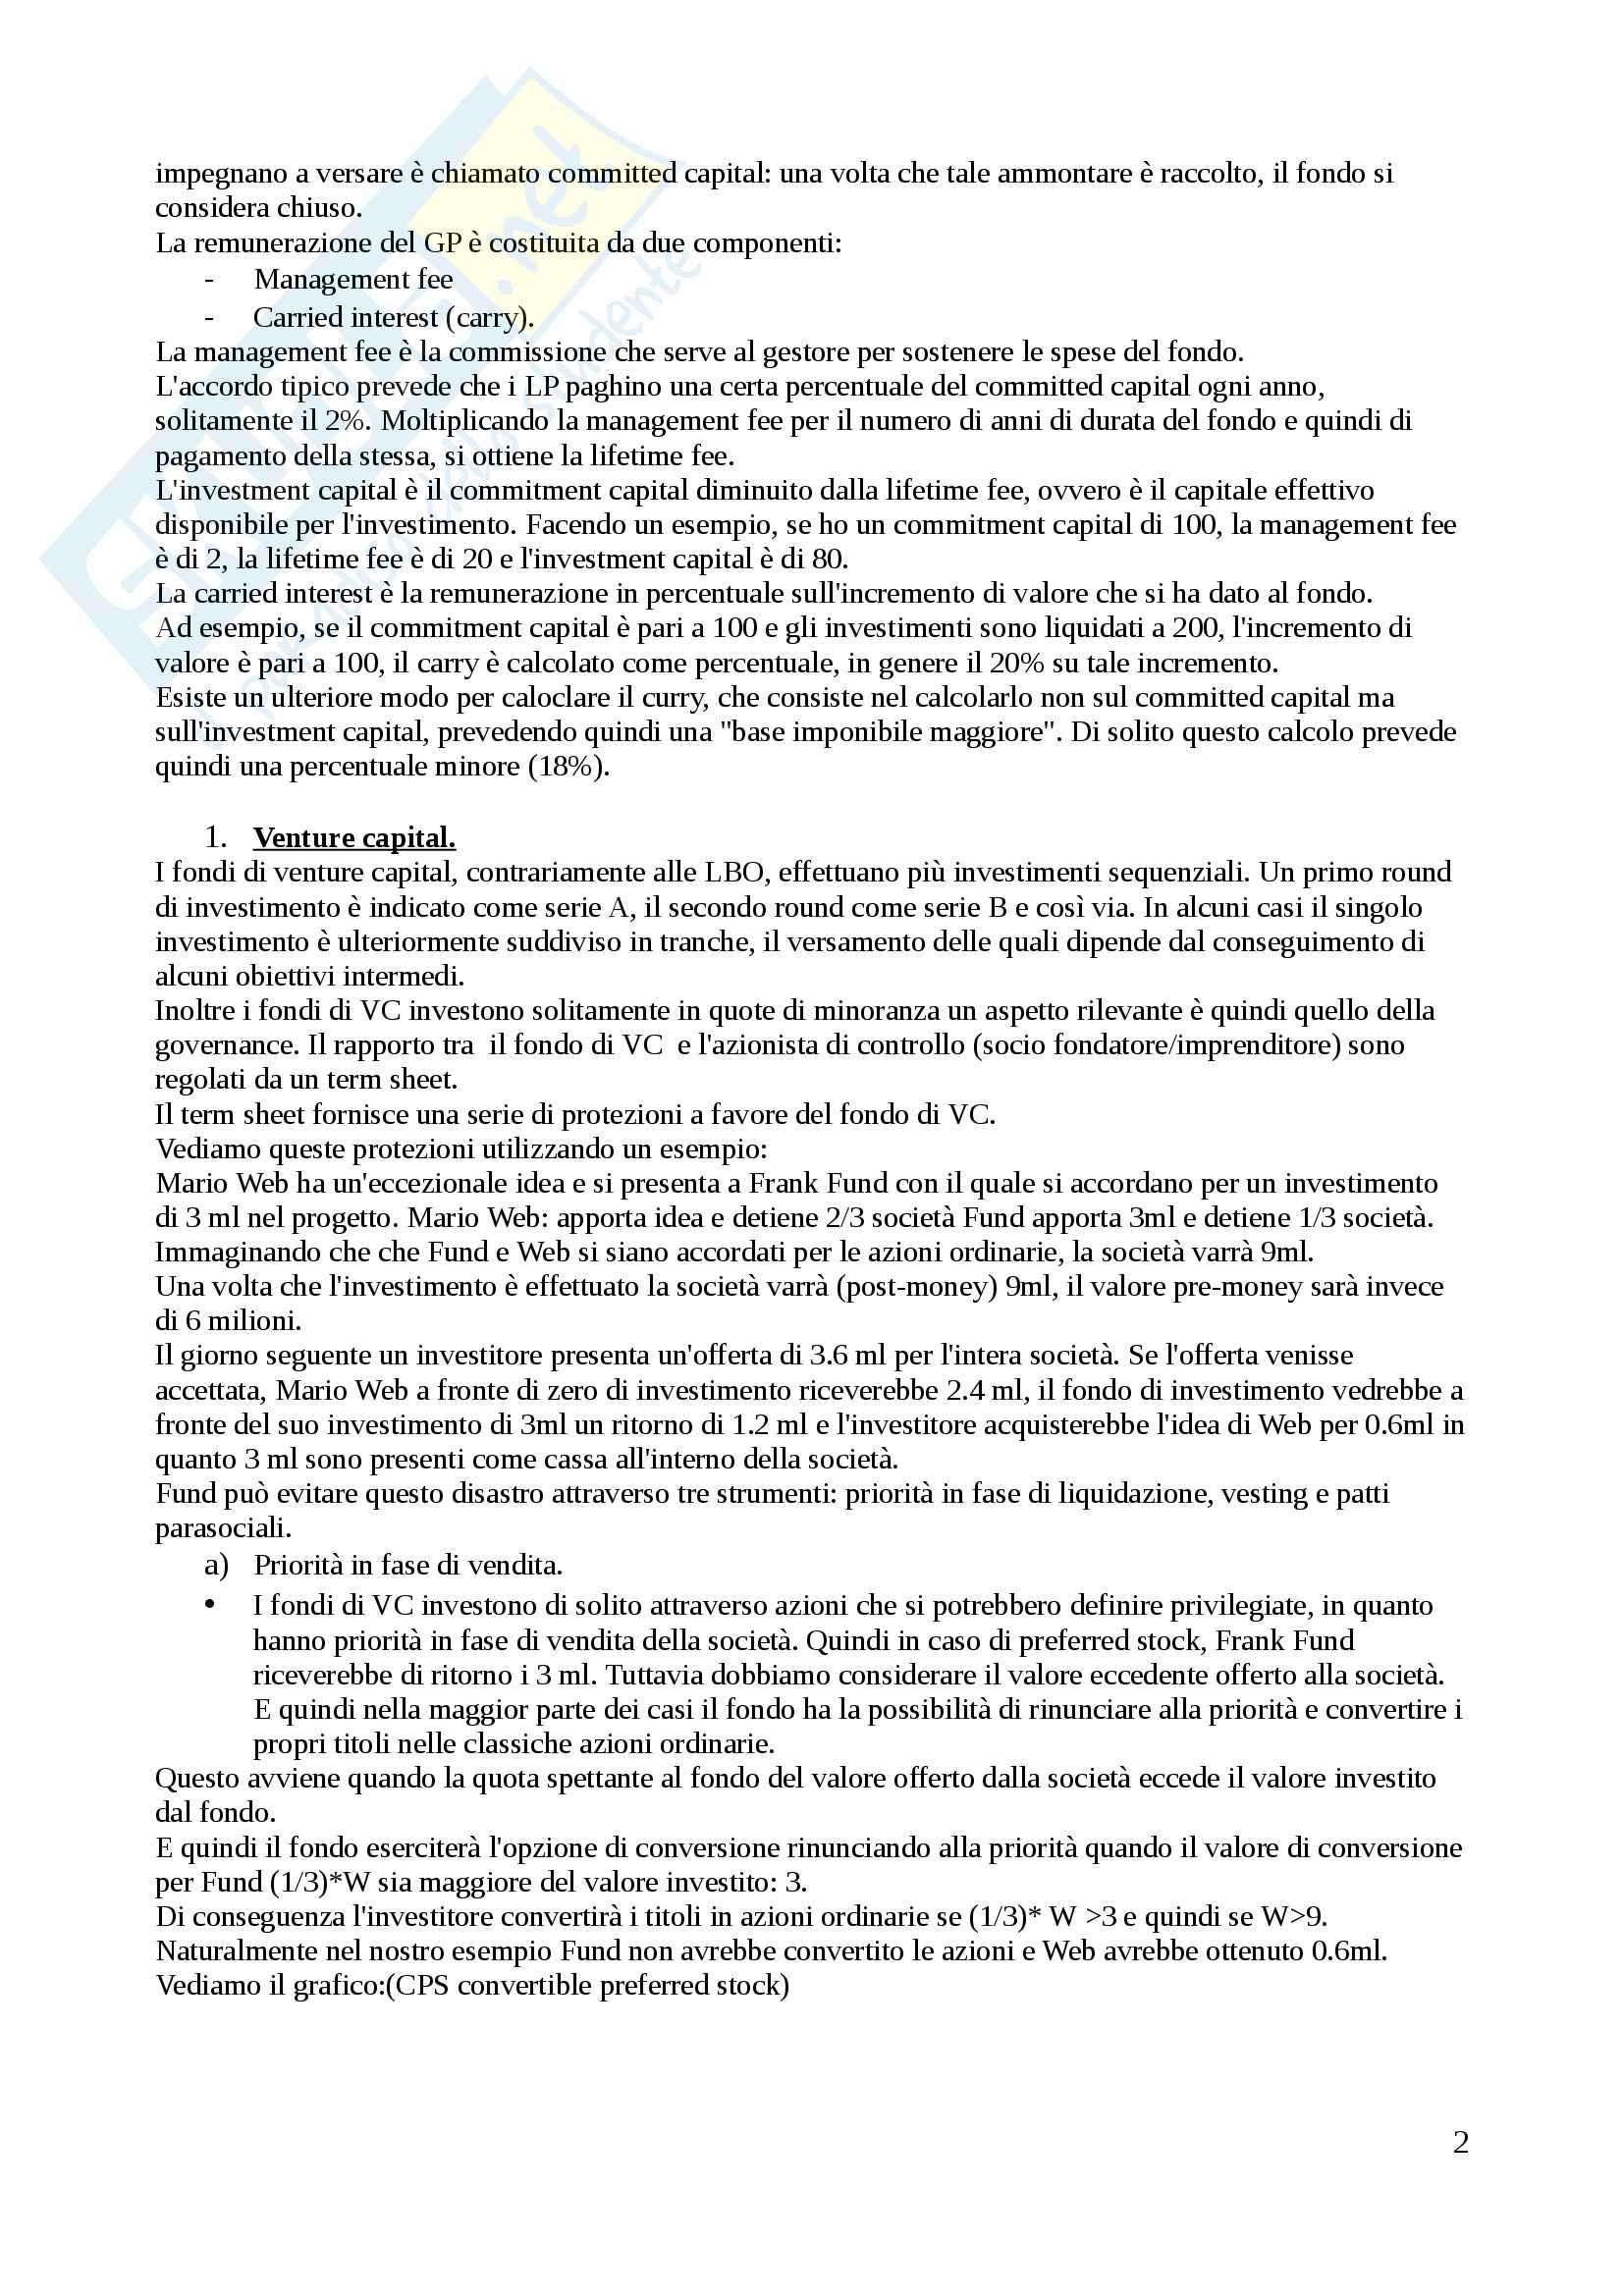 2 modulo finanziamenti d'impresa. Valido per il superamento del secondo parziale. libro consigliato Iannotta Giuliano Orlando Pag. 2